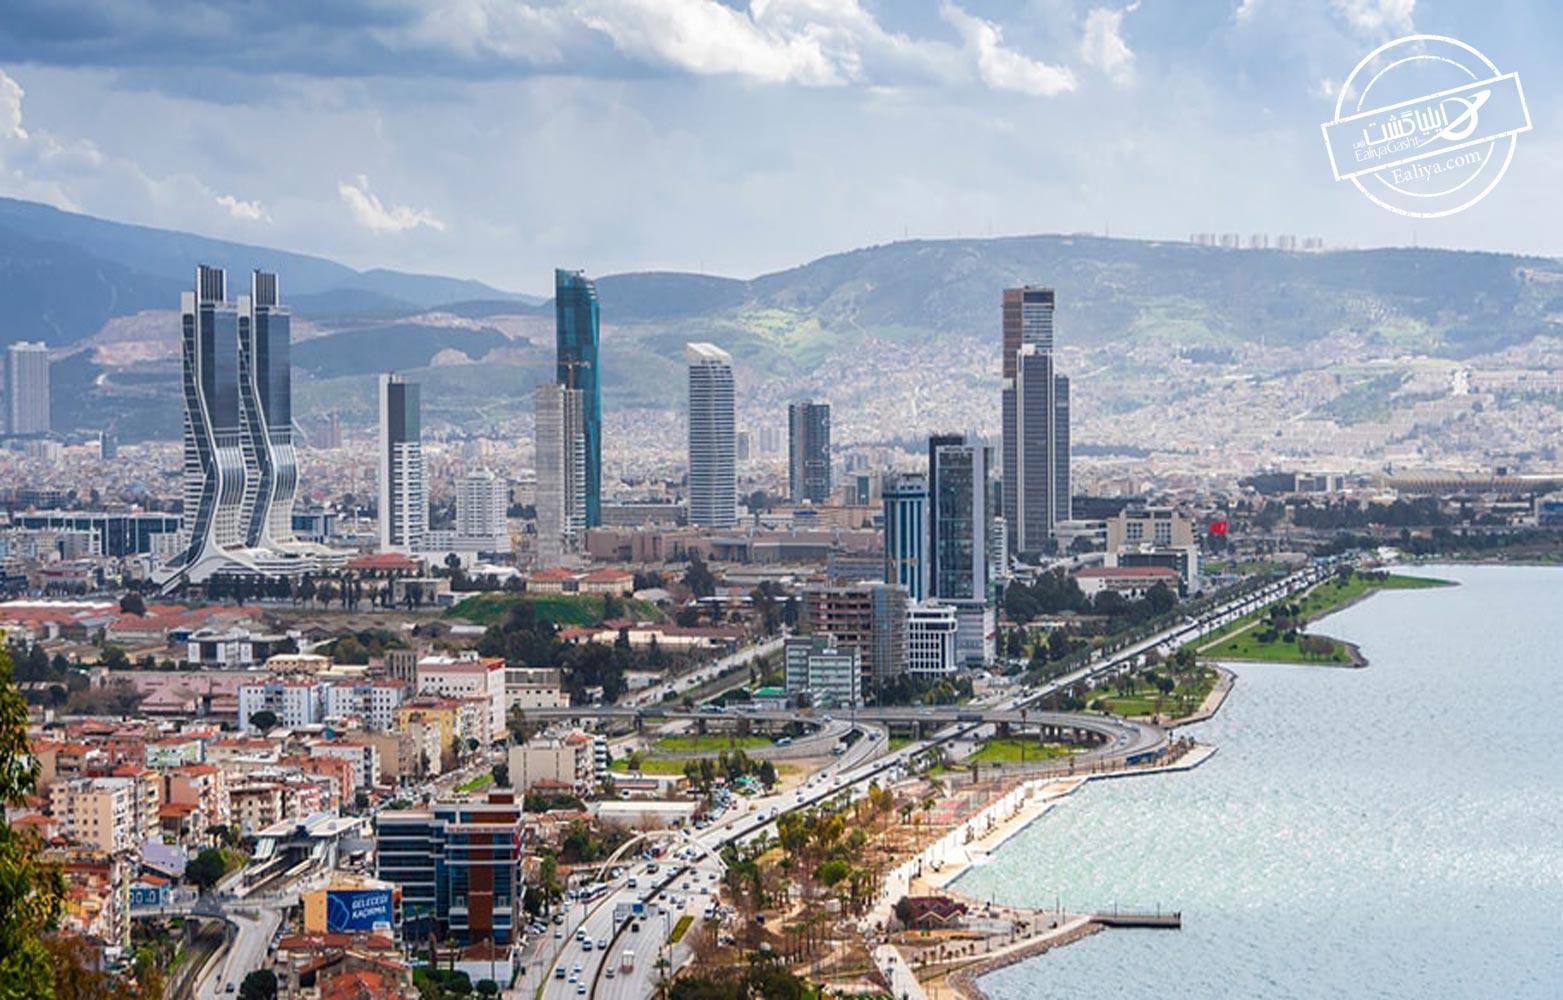 سومین شهر بزرگ کشور ترکیه